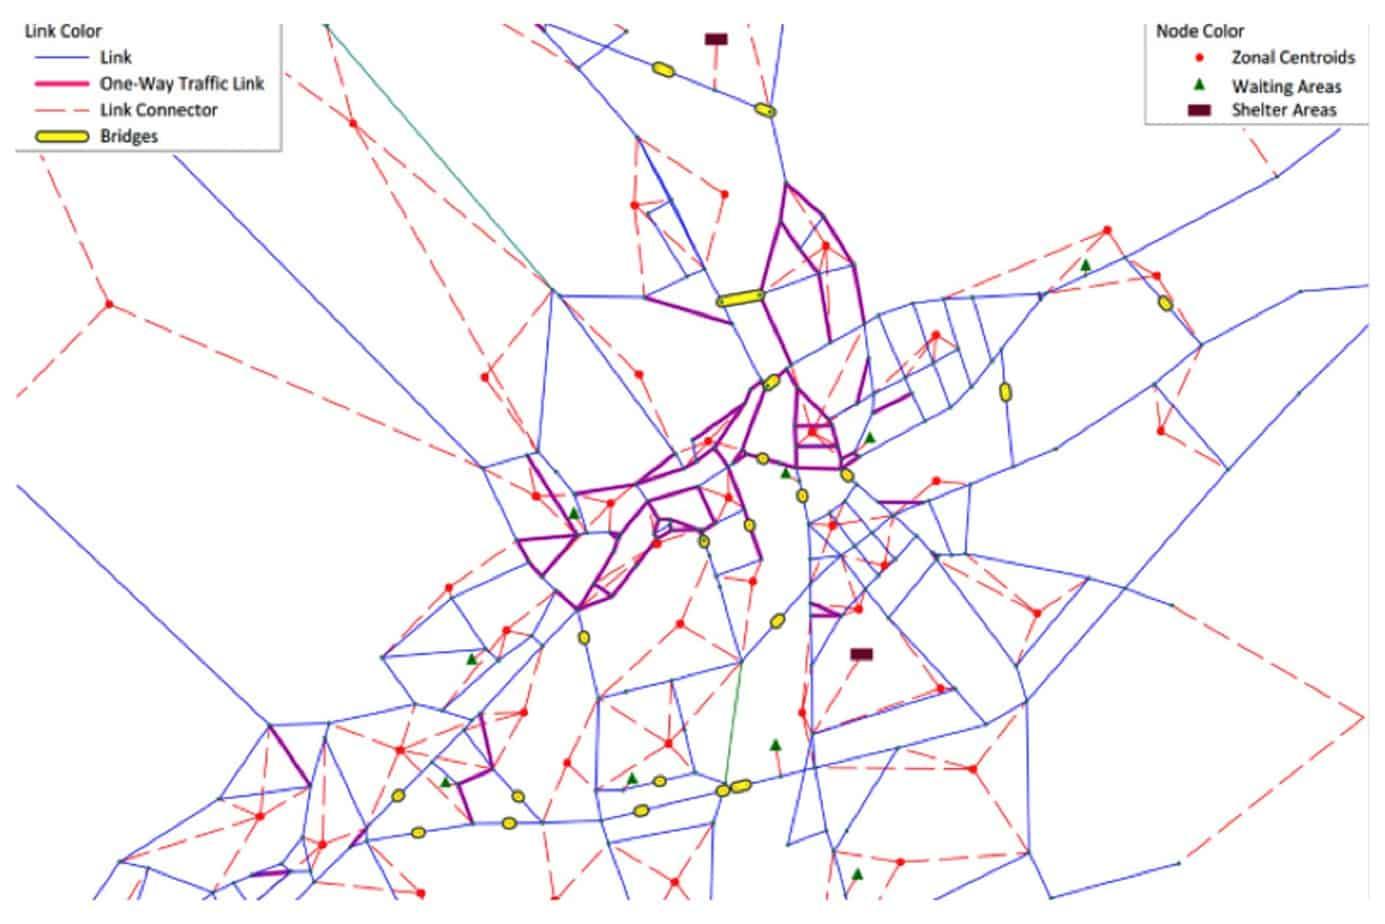 Il grafo di trasporto nella zona del centro storico di Conegliano